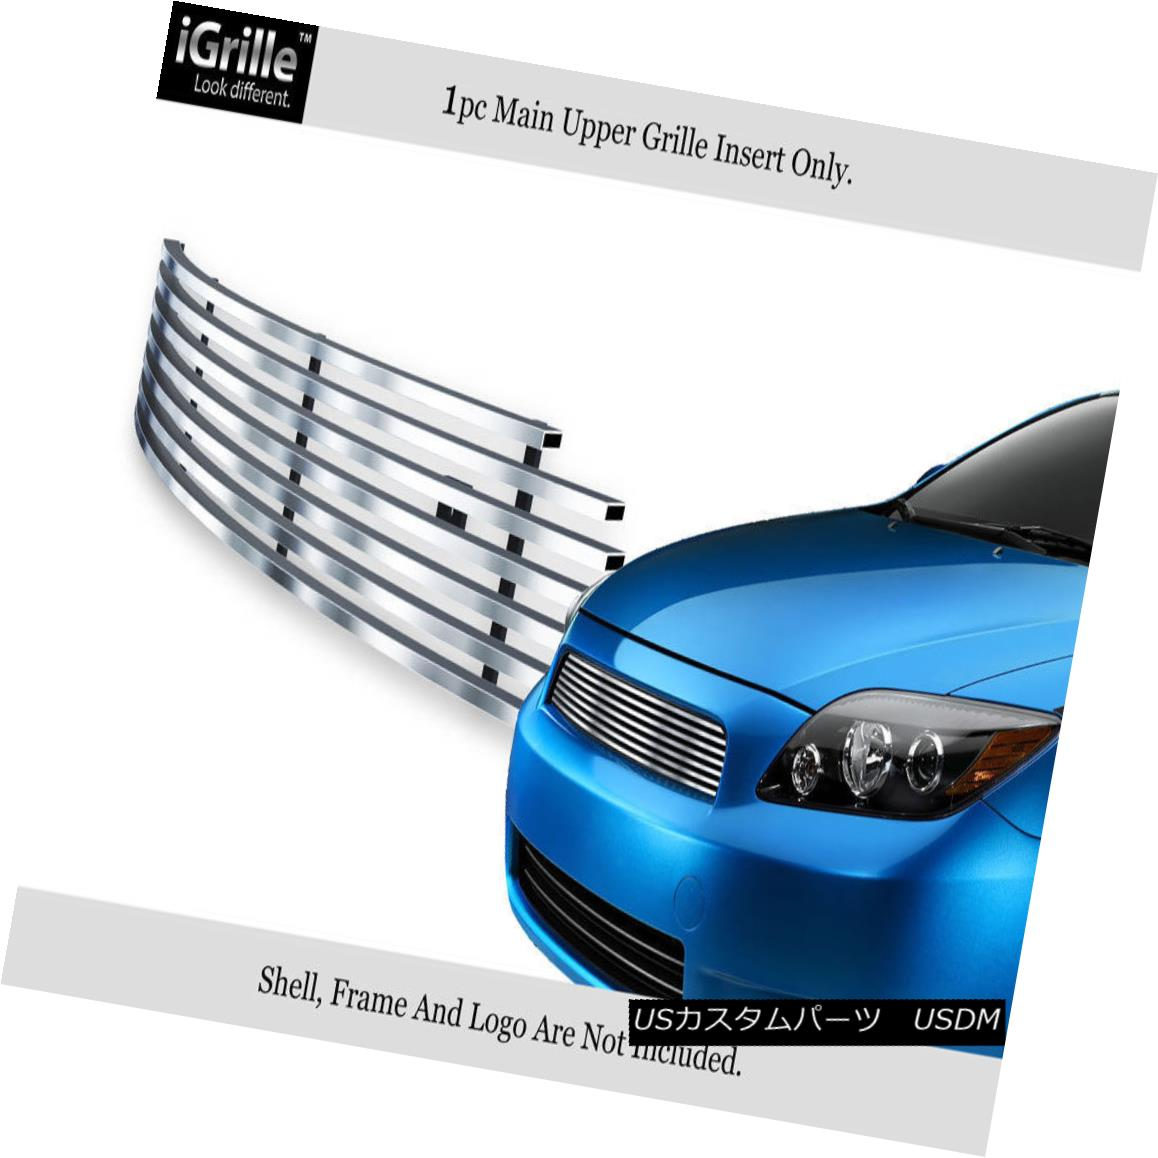 Stainless 2005-2010 Grille Billet Steel Fits TCアッパーステンレス鋼ビレットグリルインサート Upper TC 2005年から2010年のScion グリル Insert Scion